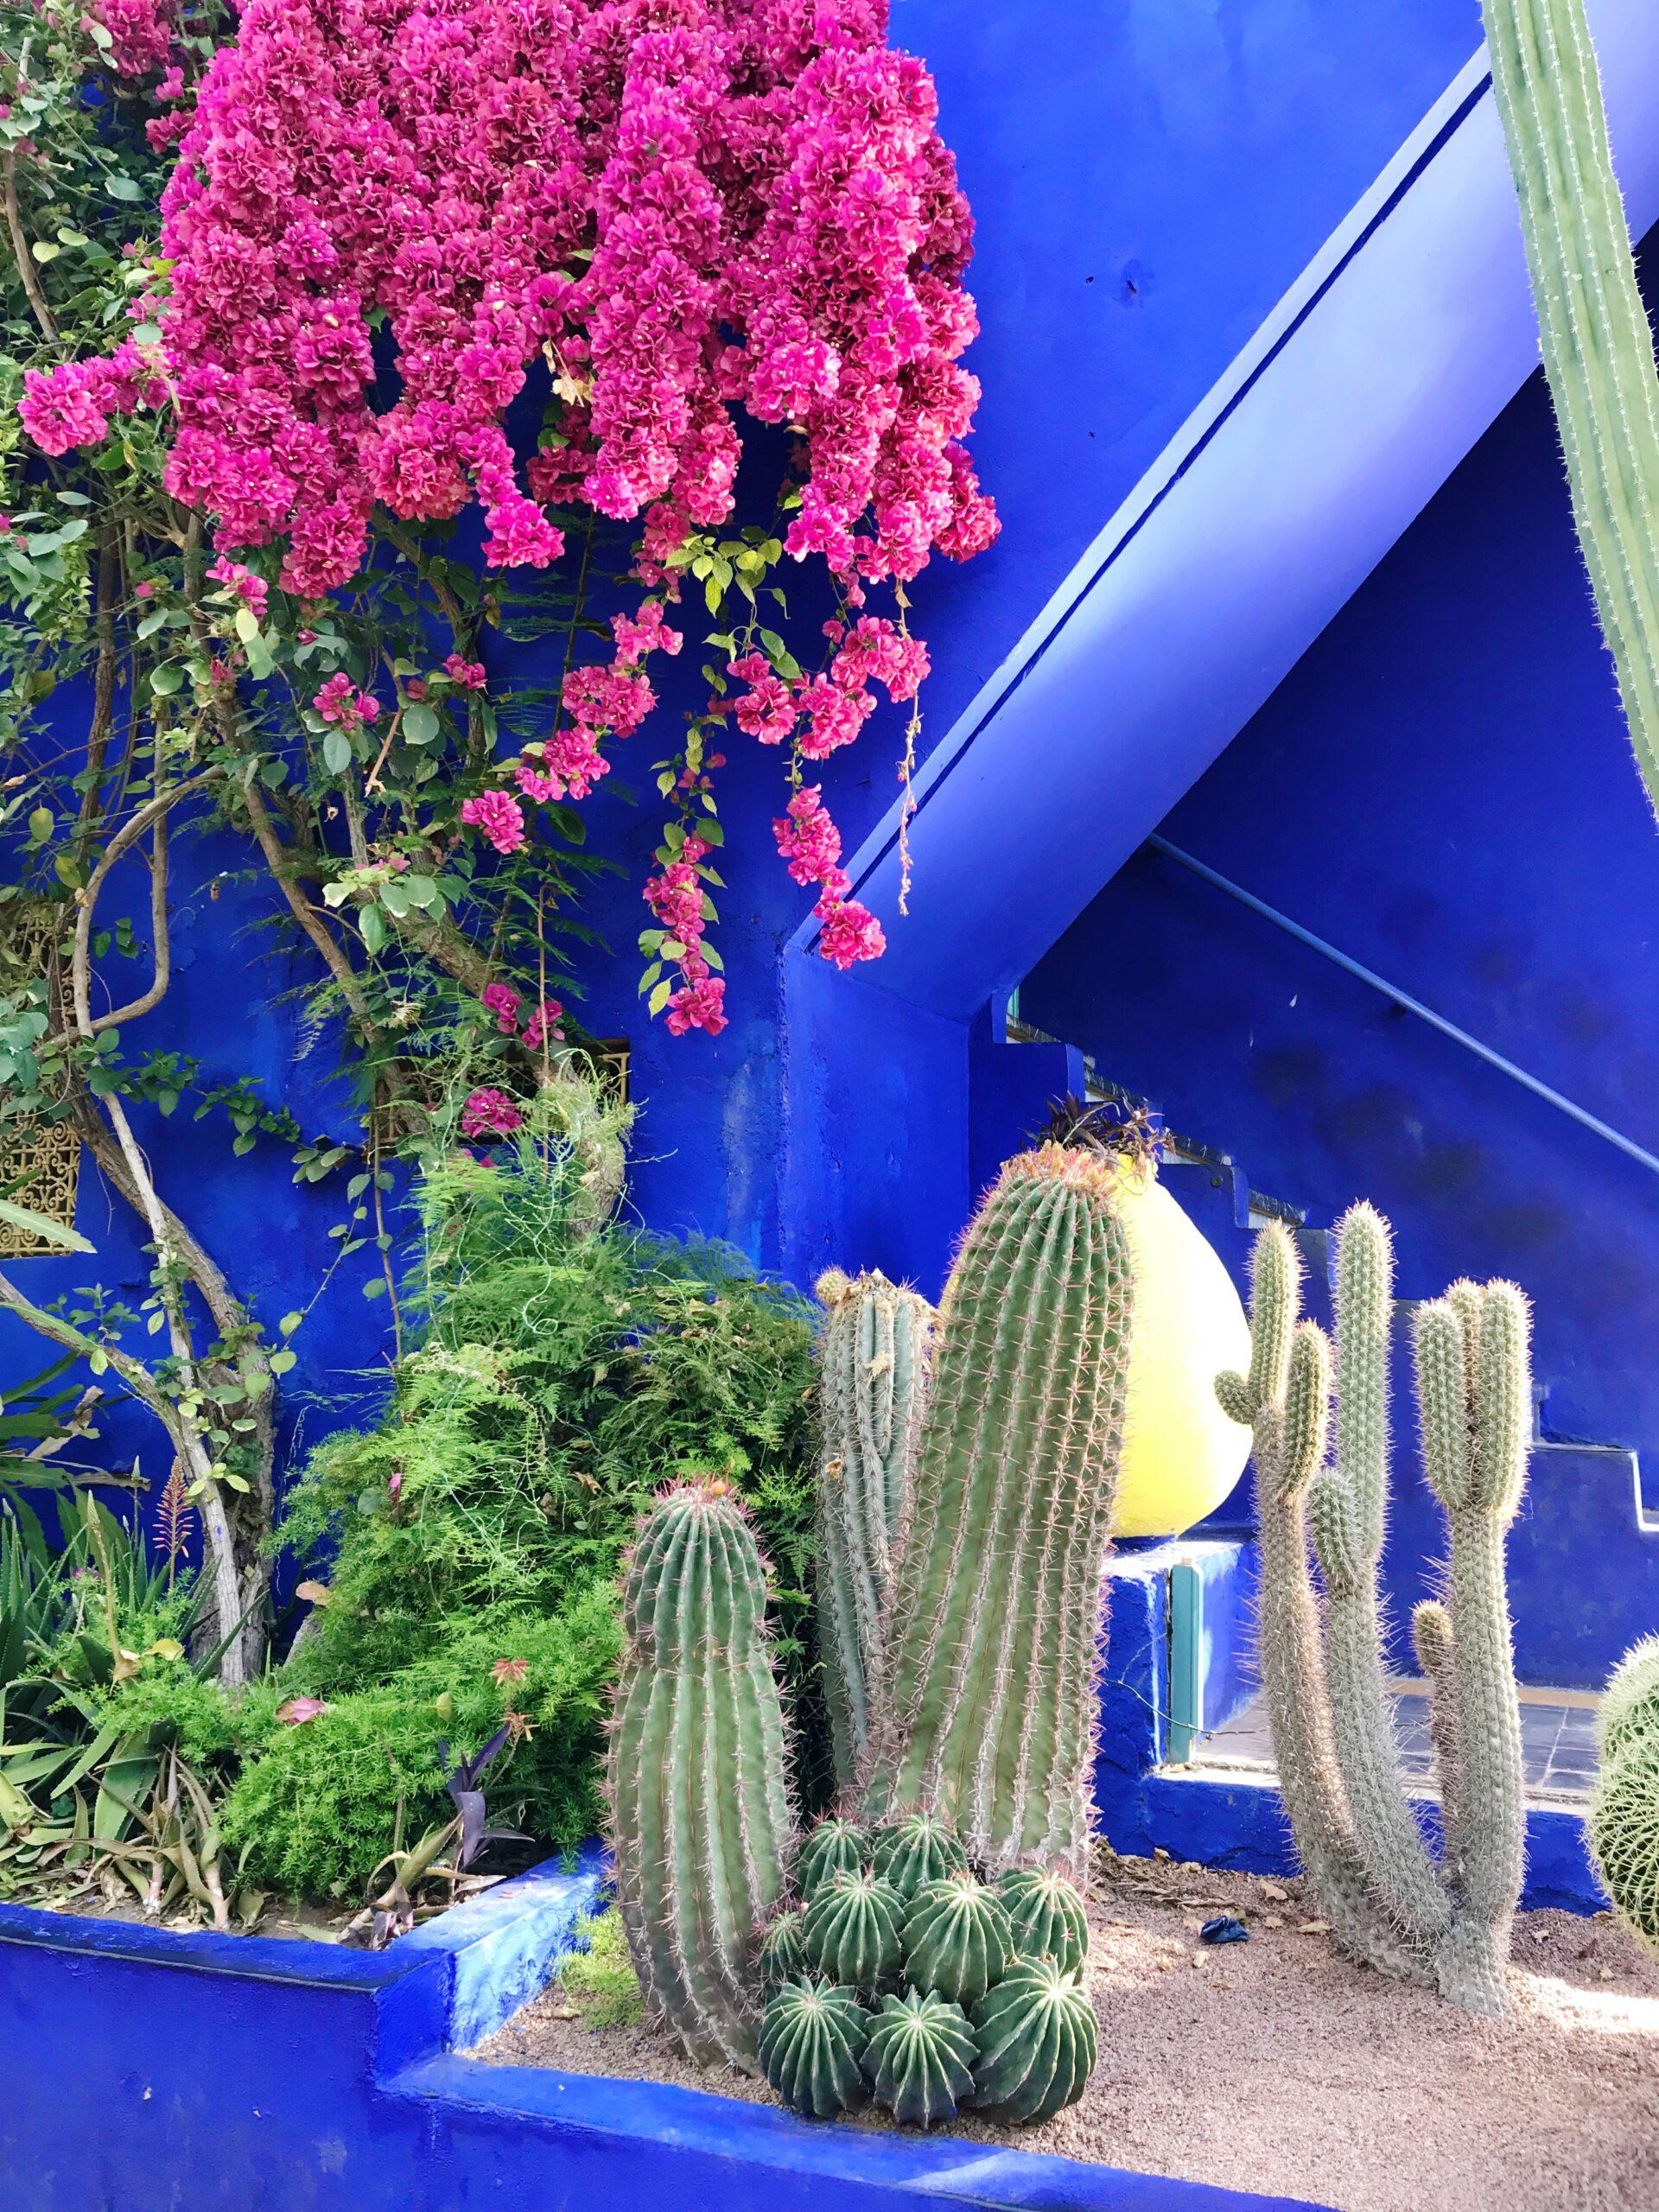 Cacti and Pink Bougainvillea - Majorelle Garden